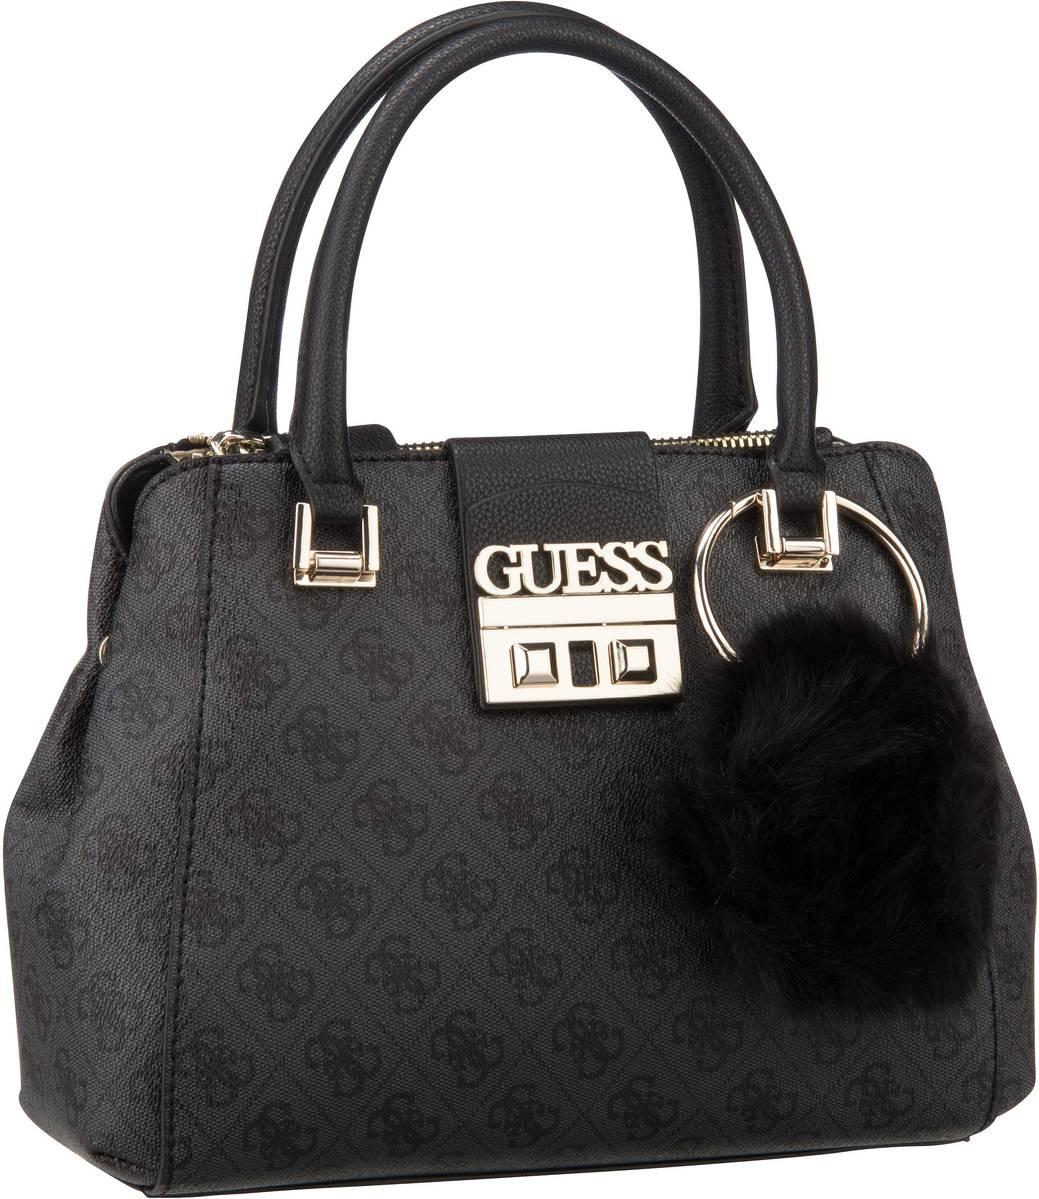 Handtaschen für Frauen - Guess Handtasche Logo Luxe Small Society Satchel Coal  - Onlineshop Taschenkaufhaus